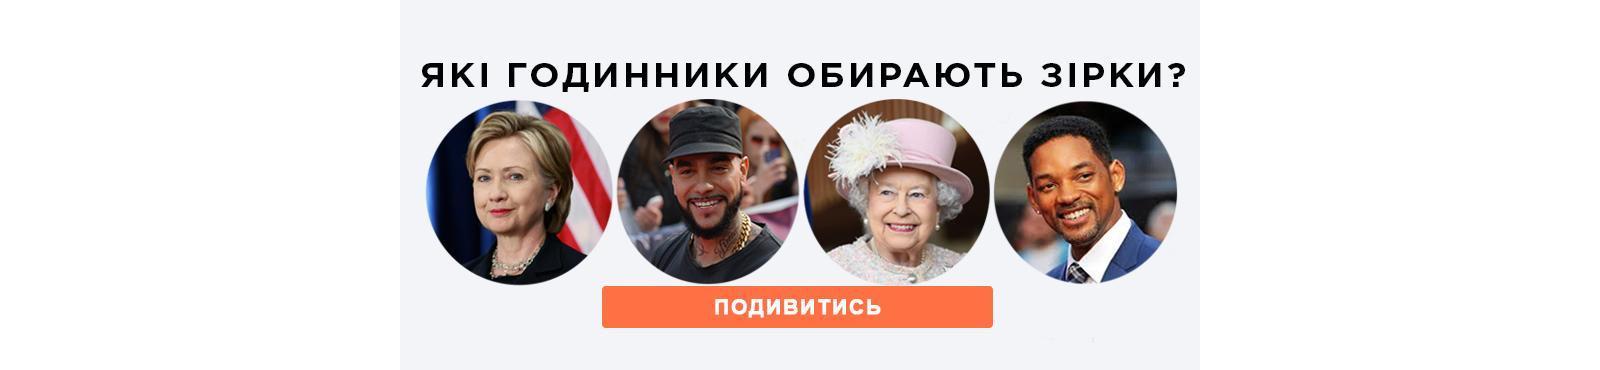 Годинники для знаменитостей